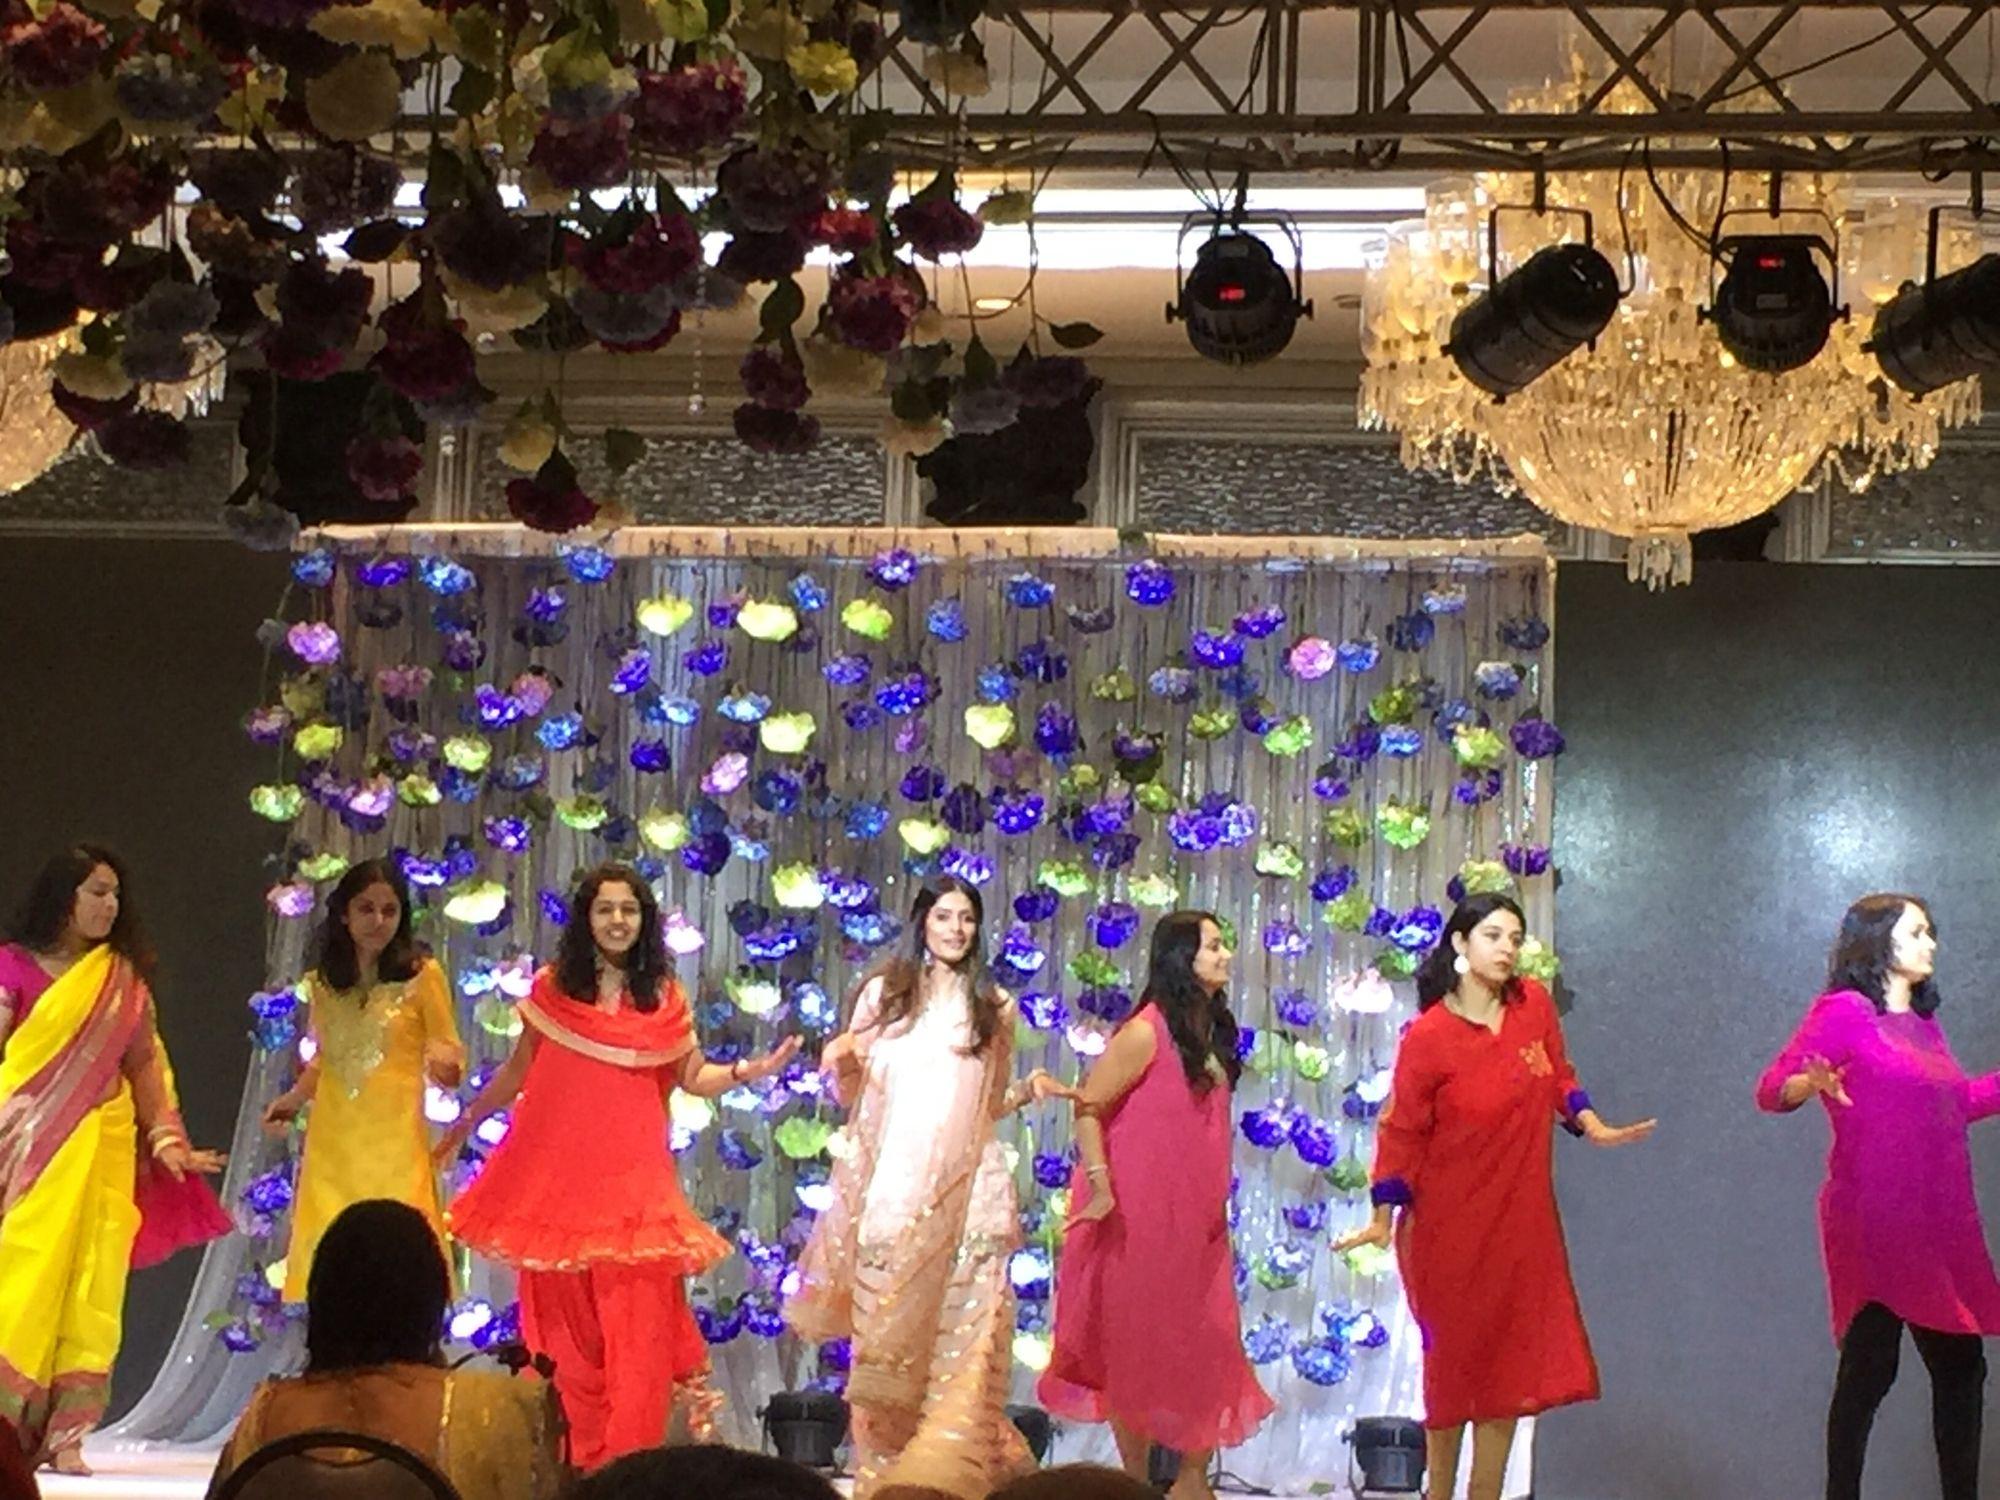 #weddingdance #celebration  #eveningout #friendslikefamily #nishajamvwal